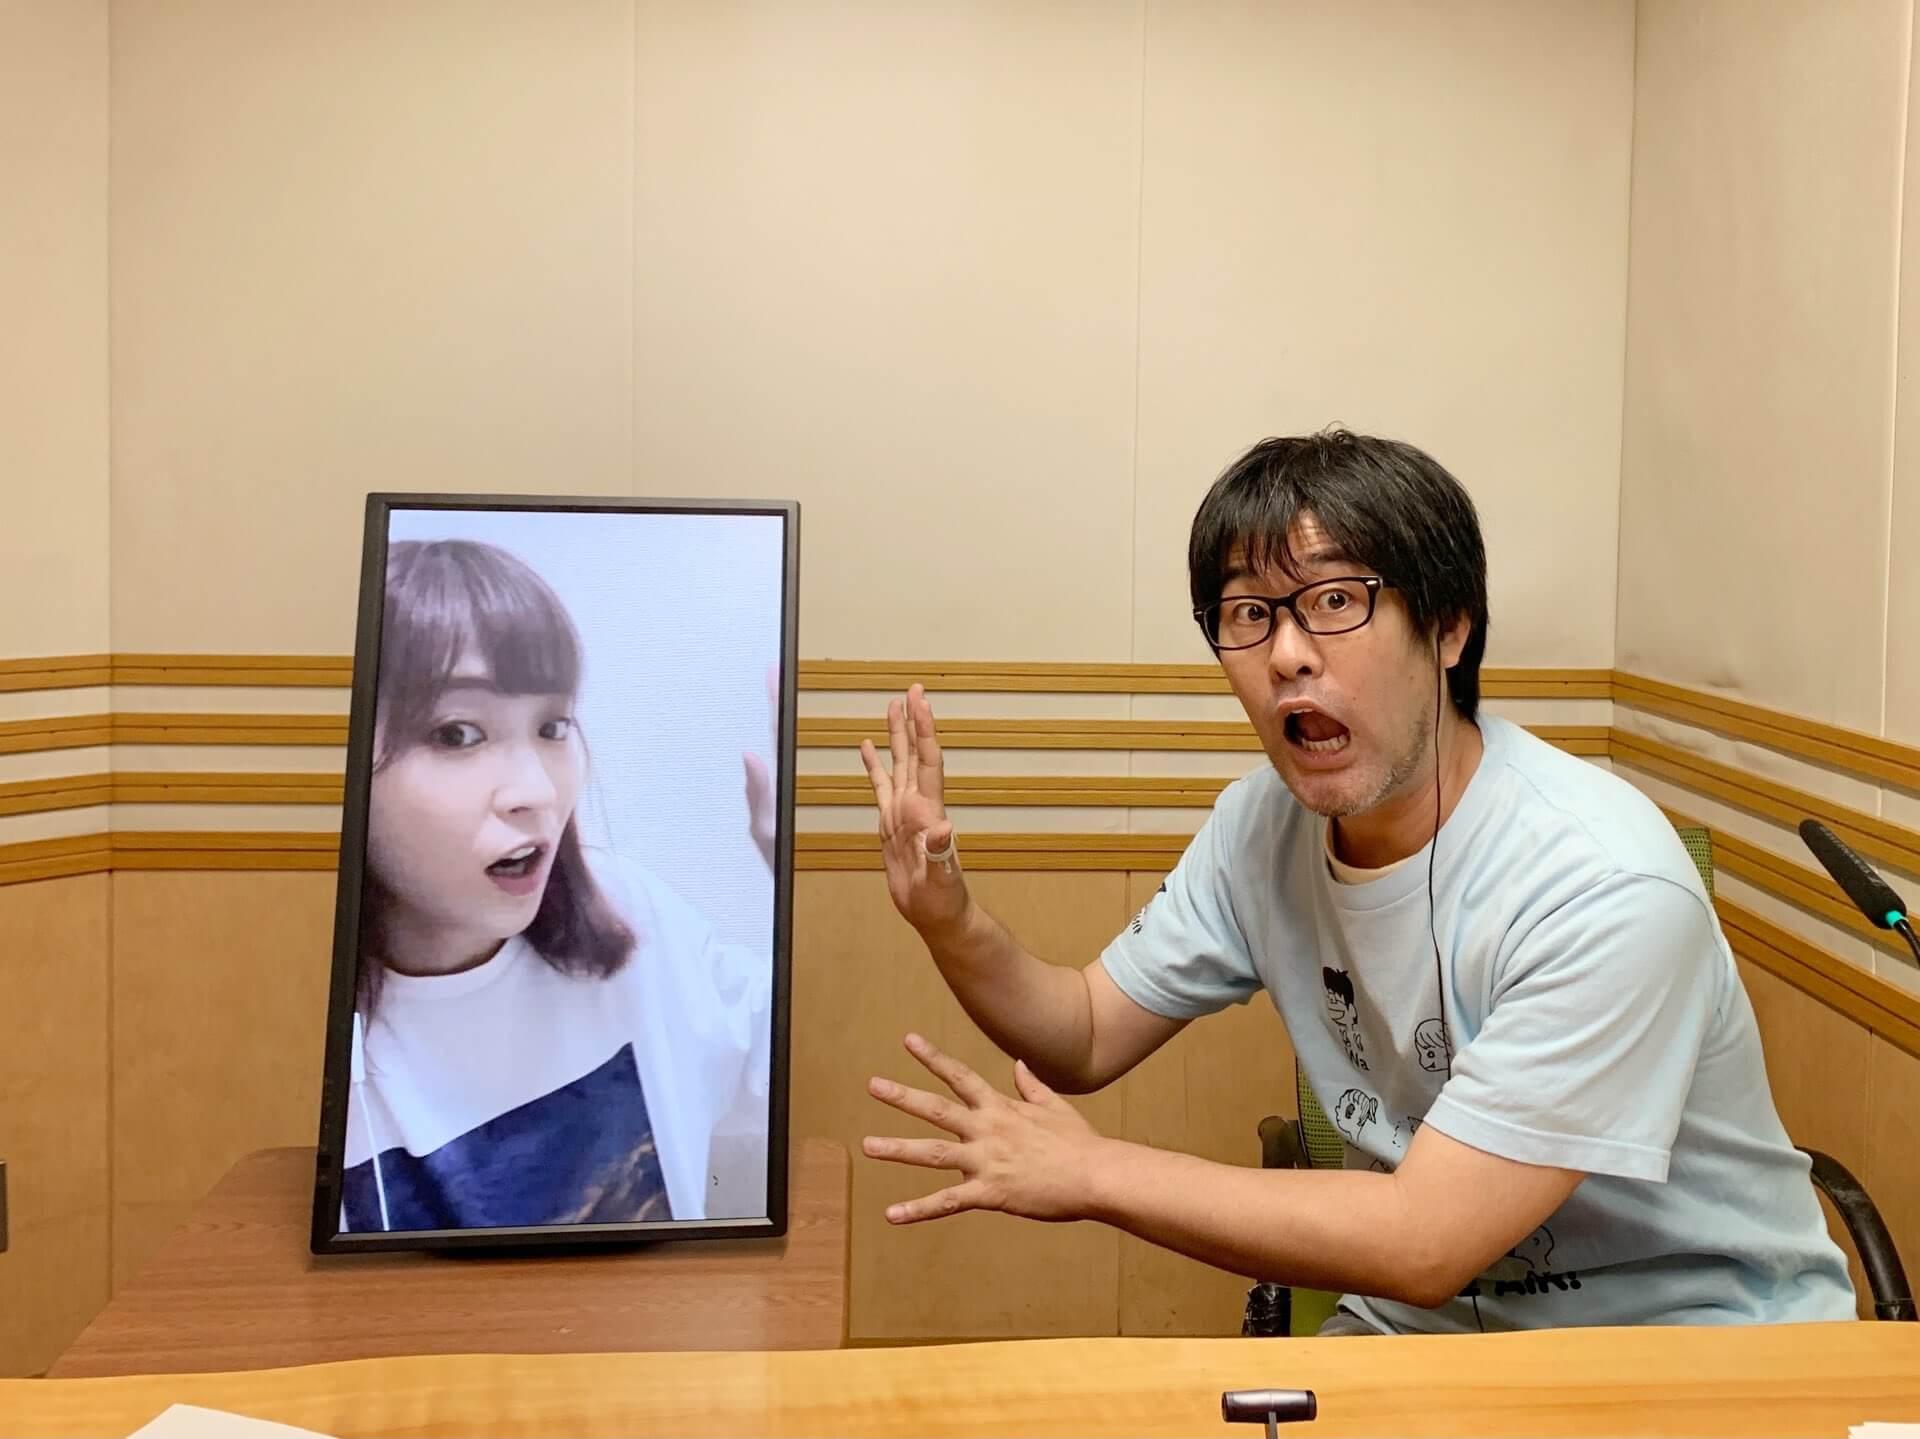 鷲崎健のヨルナイト×ヨルナイト火曜日! #1099レポート